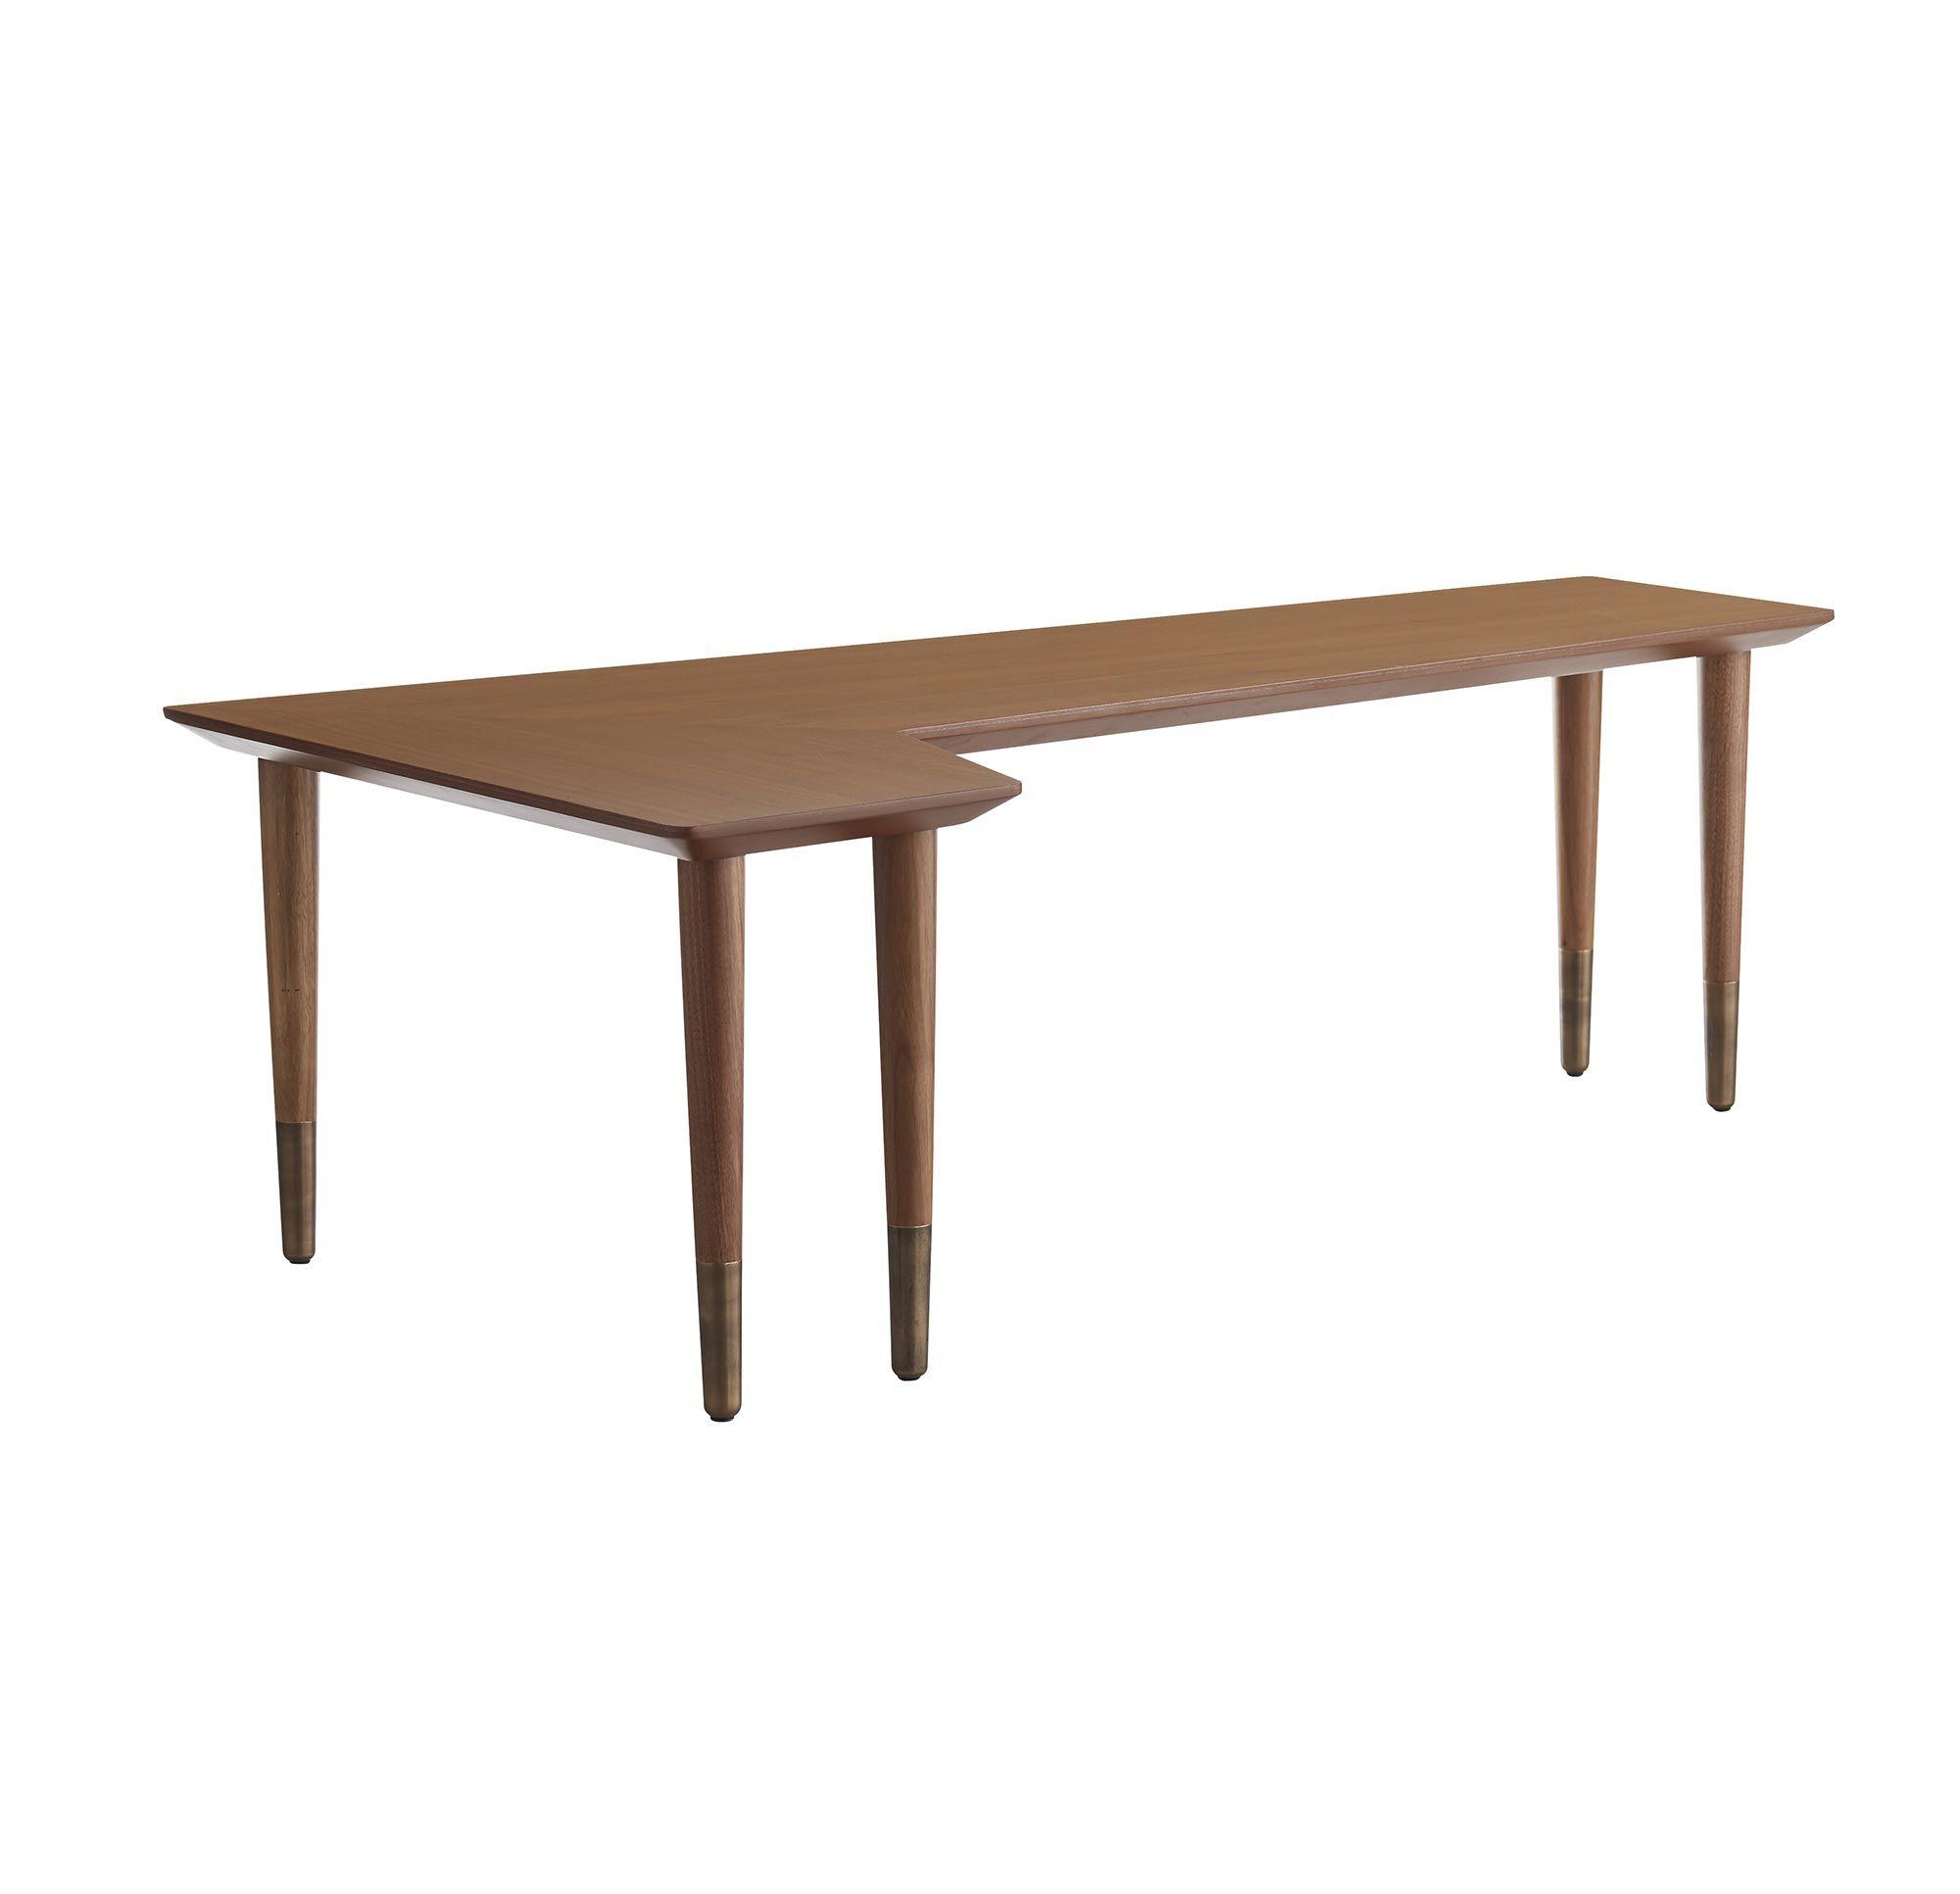 Lottie Coffee Table